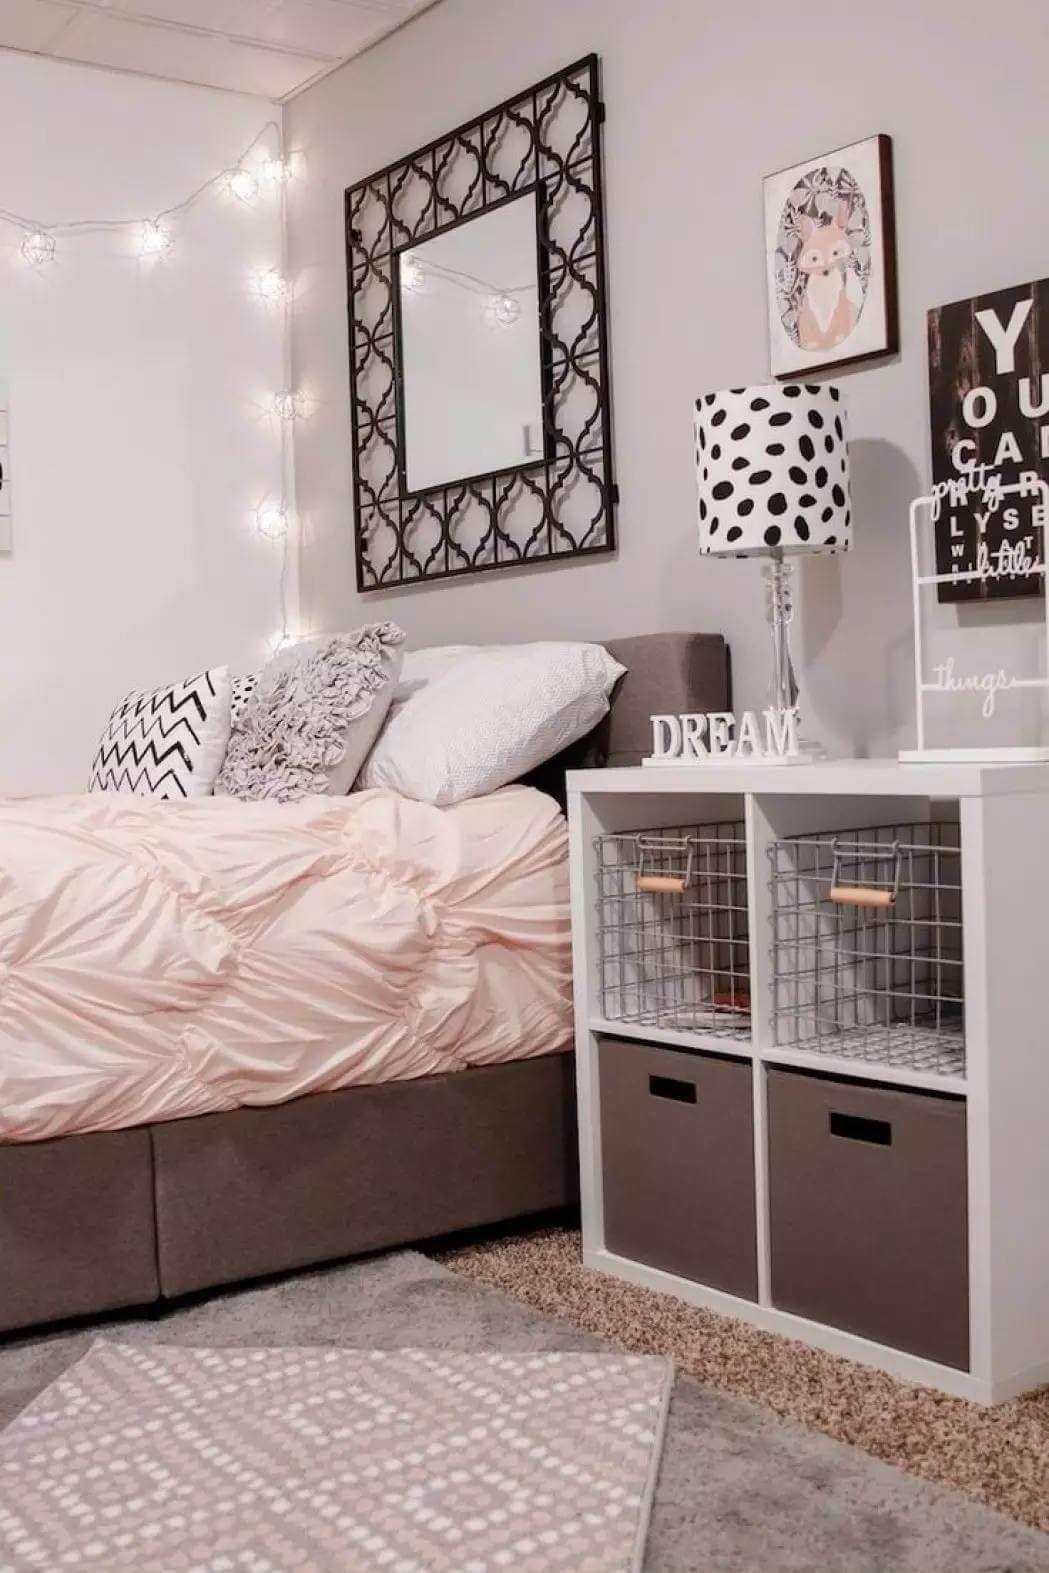 Chambre d'ado fille  12 idées de décoration pour une chambre ...